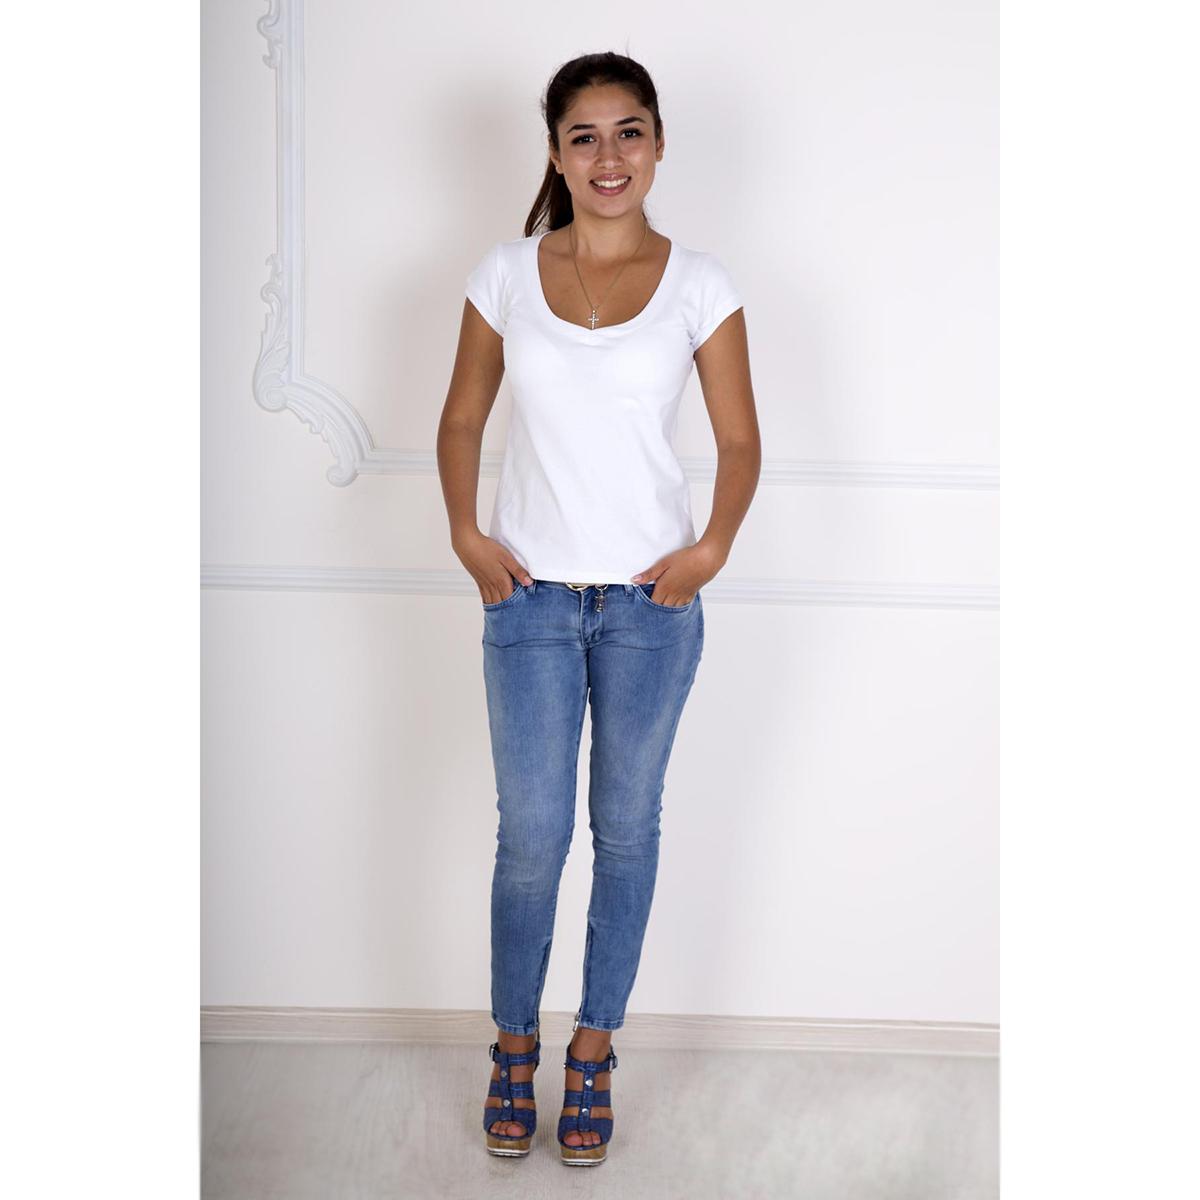 Женская футболка Лиза Белый, размер 54Майки и футболки<br>Обхват груди: 108 см <br>Обхват талии: 88 см <br>Обхват бедер: 116 см <br>Длина по спинке: 58 см <br>Рост: 167 см<br><br>Тип: Жен. футболка<br>Размер: 54<br>Материал: Фулайкра